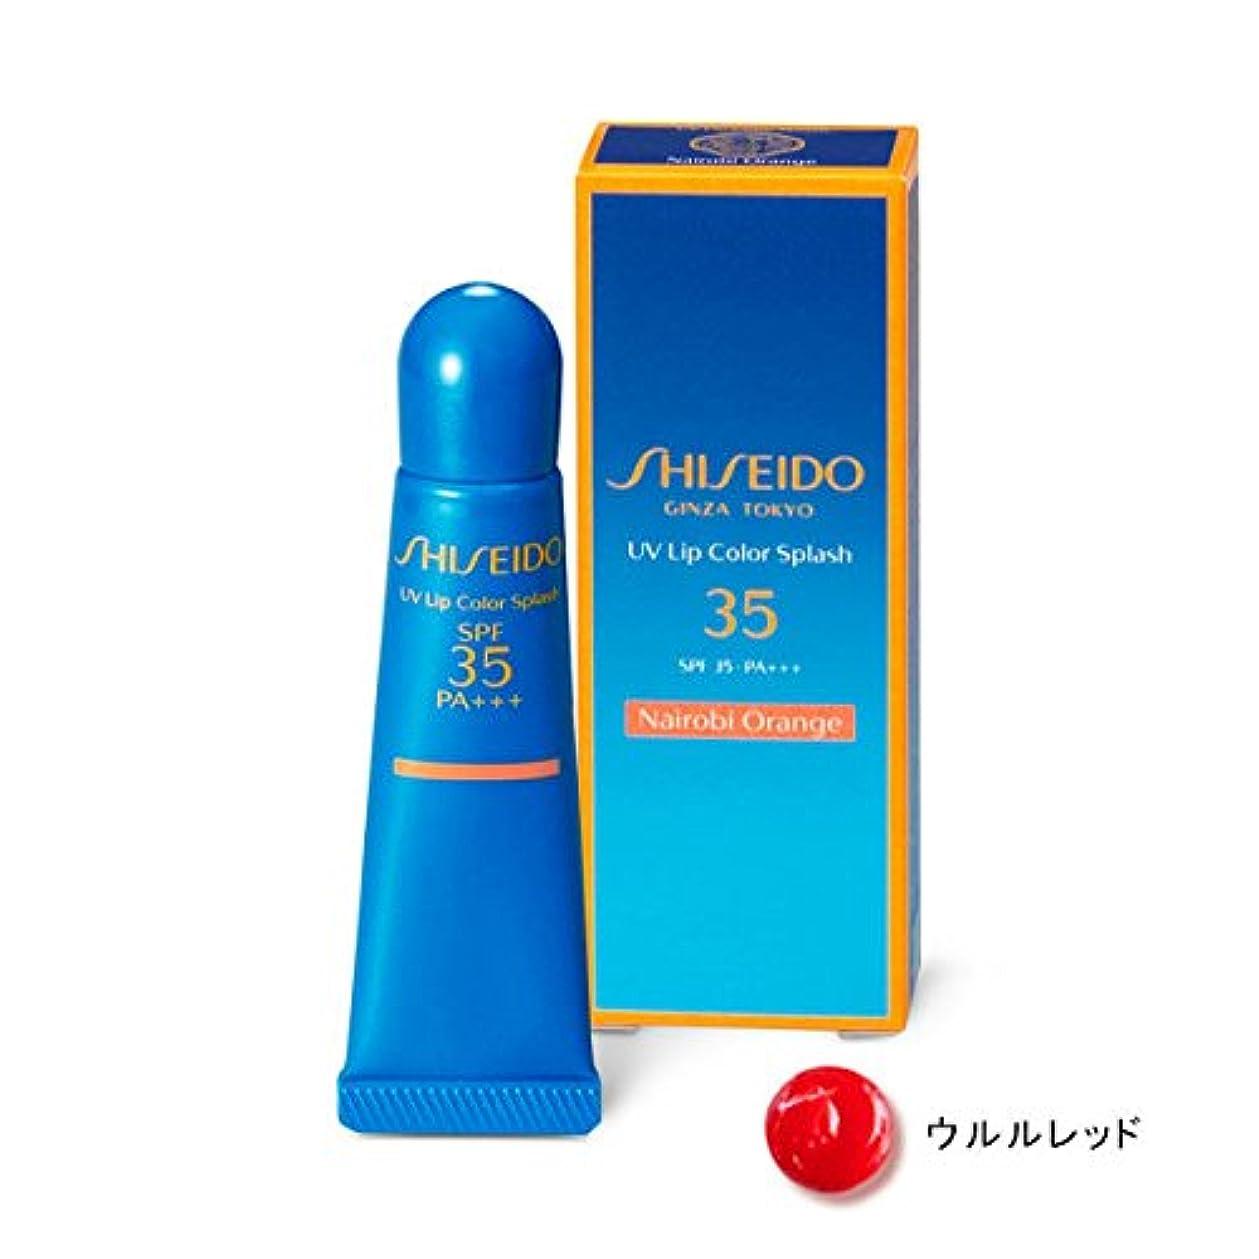 クライストチャーチ雄大な告白SHISEIDO Suncare(資生堂 サンケア) SHISEIDO(資生堂) UVリップカラースプラッシュ (ウルルレッド)